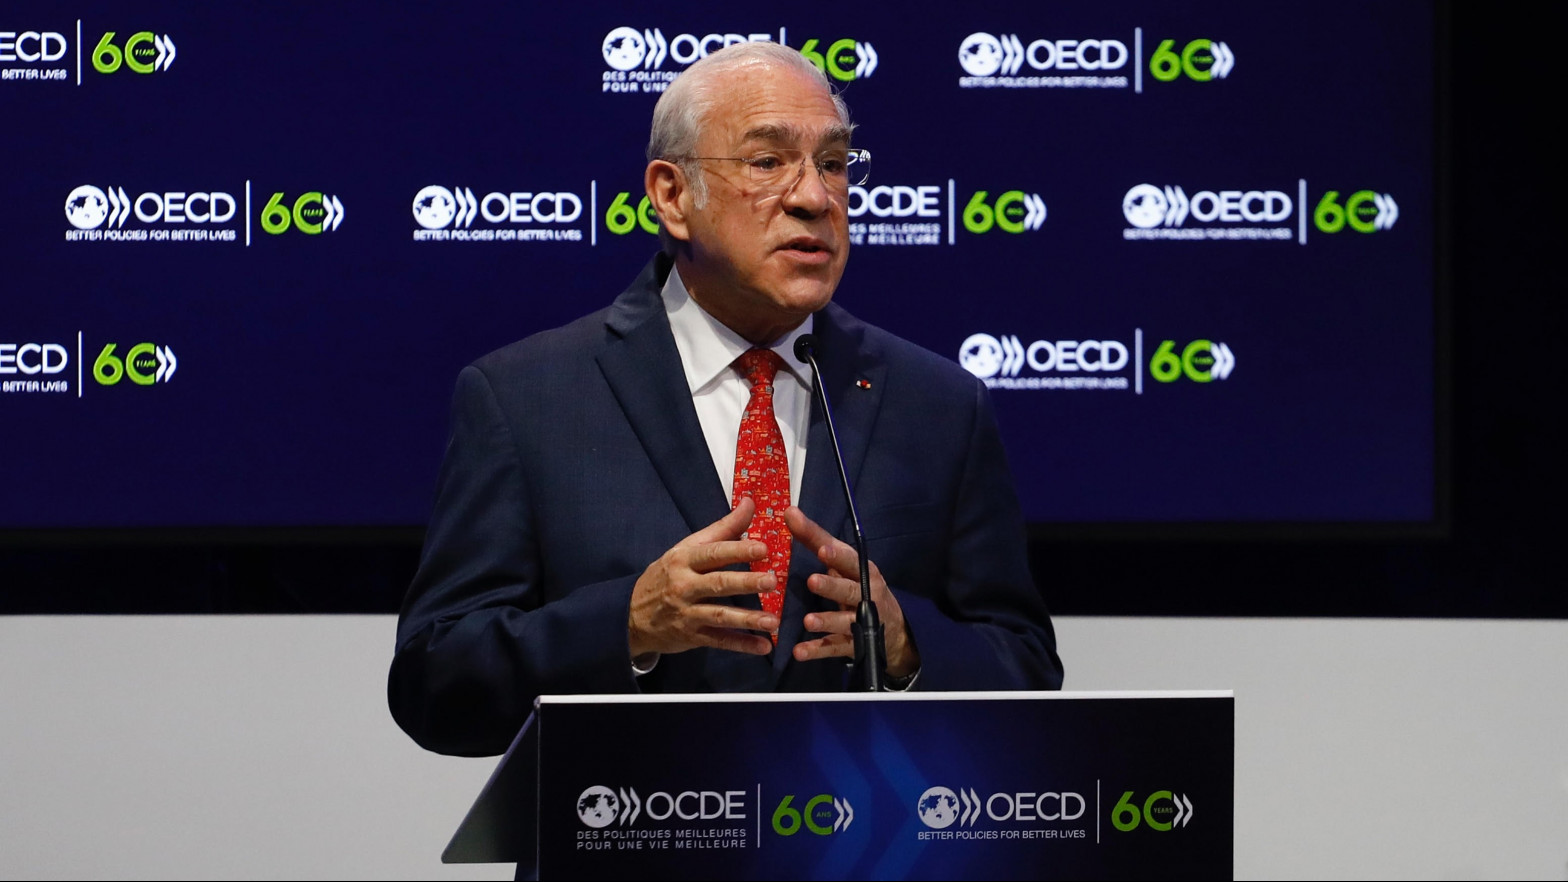 La OCDE propone subir el impuesto de sucesiones para combatir las desigualdades